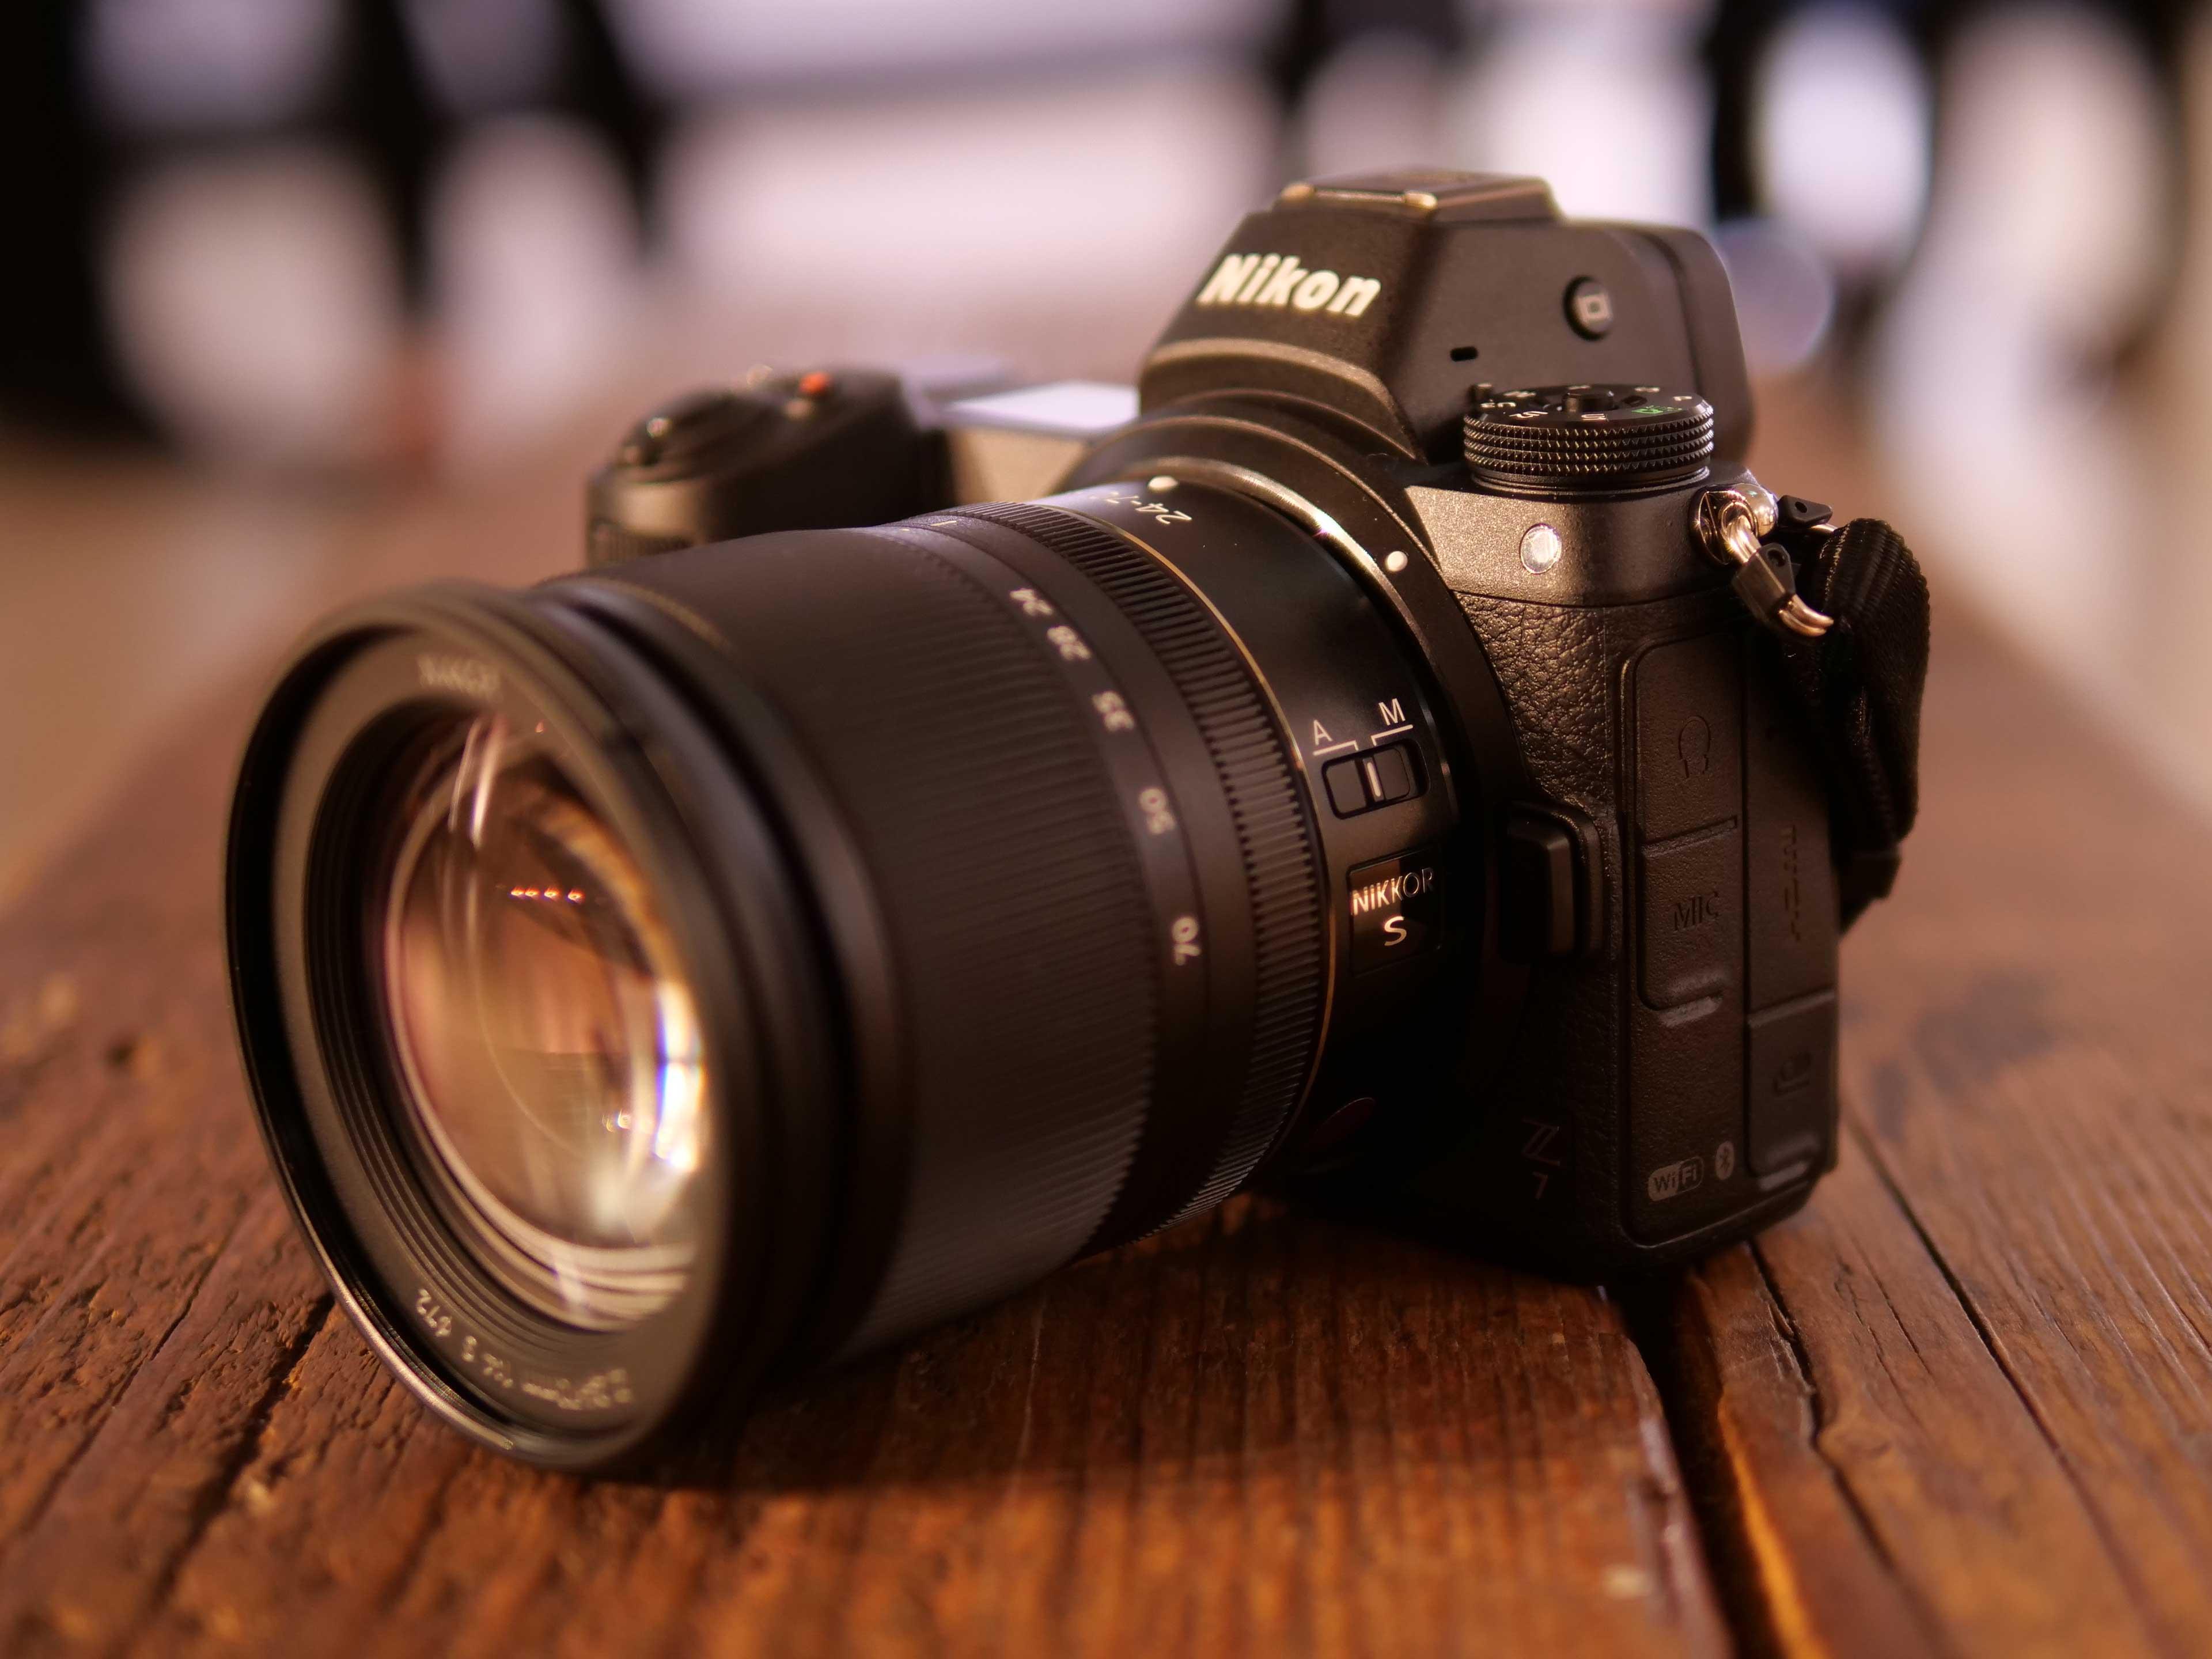 Sony Full Frame Lenses >> Nikon Z6 review so far - | Cameralabs